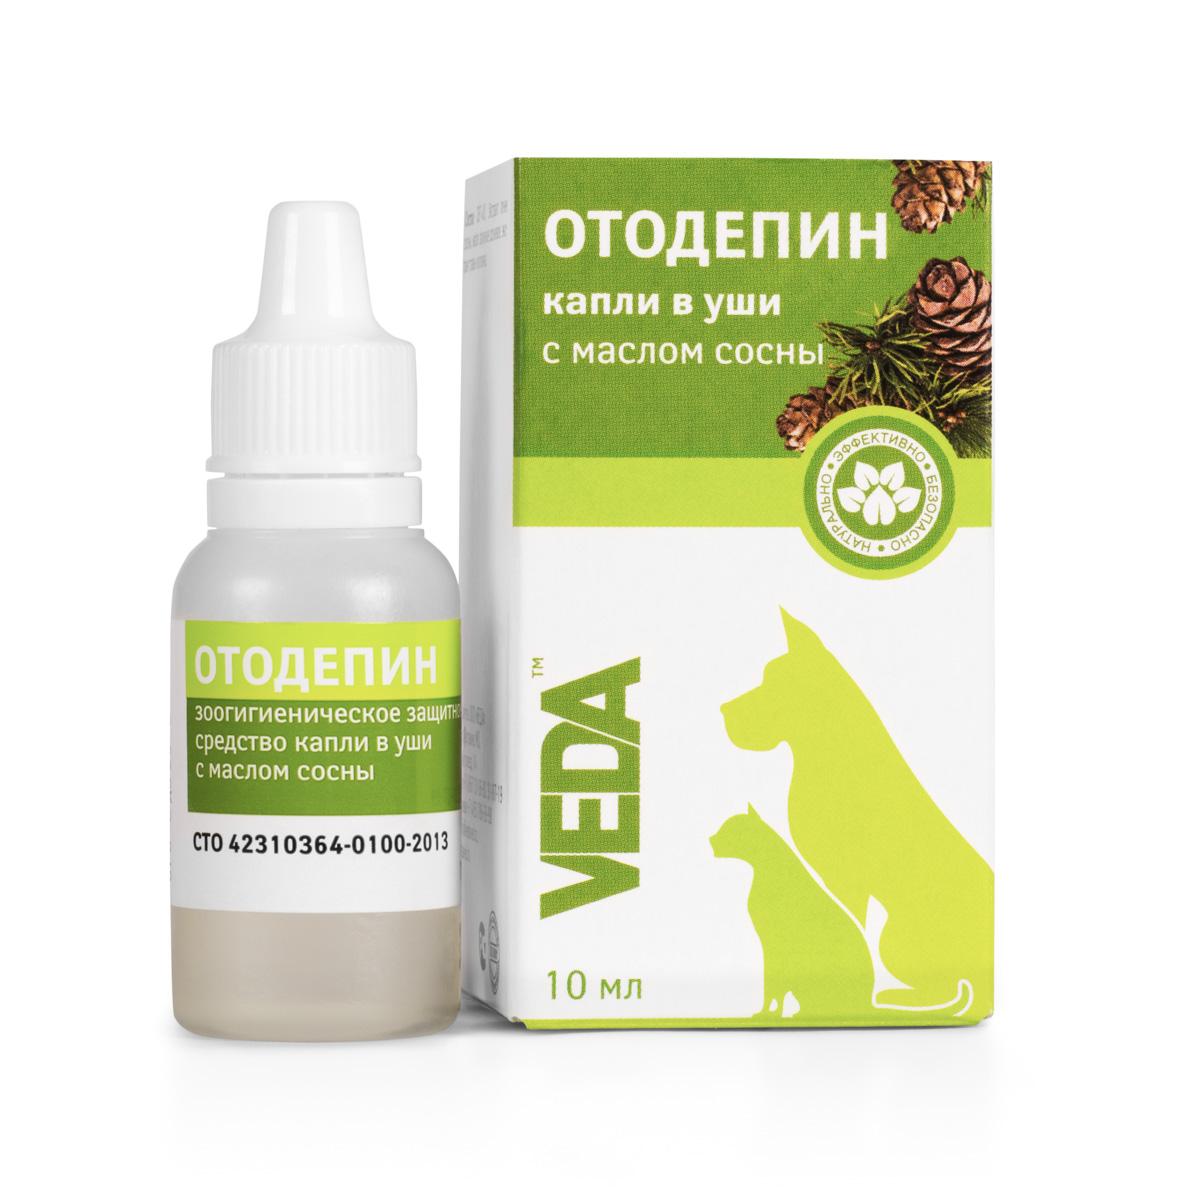 Капли ушные для животных VEDA Отодепин, с маслом сосны, 10 мл отофа капли ушные 10мл